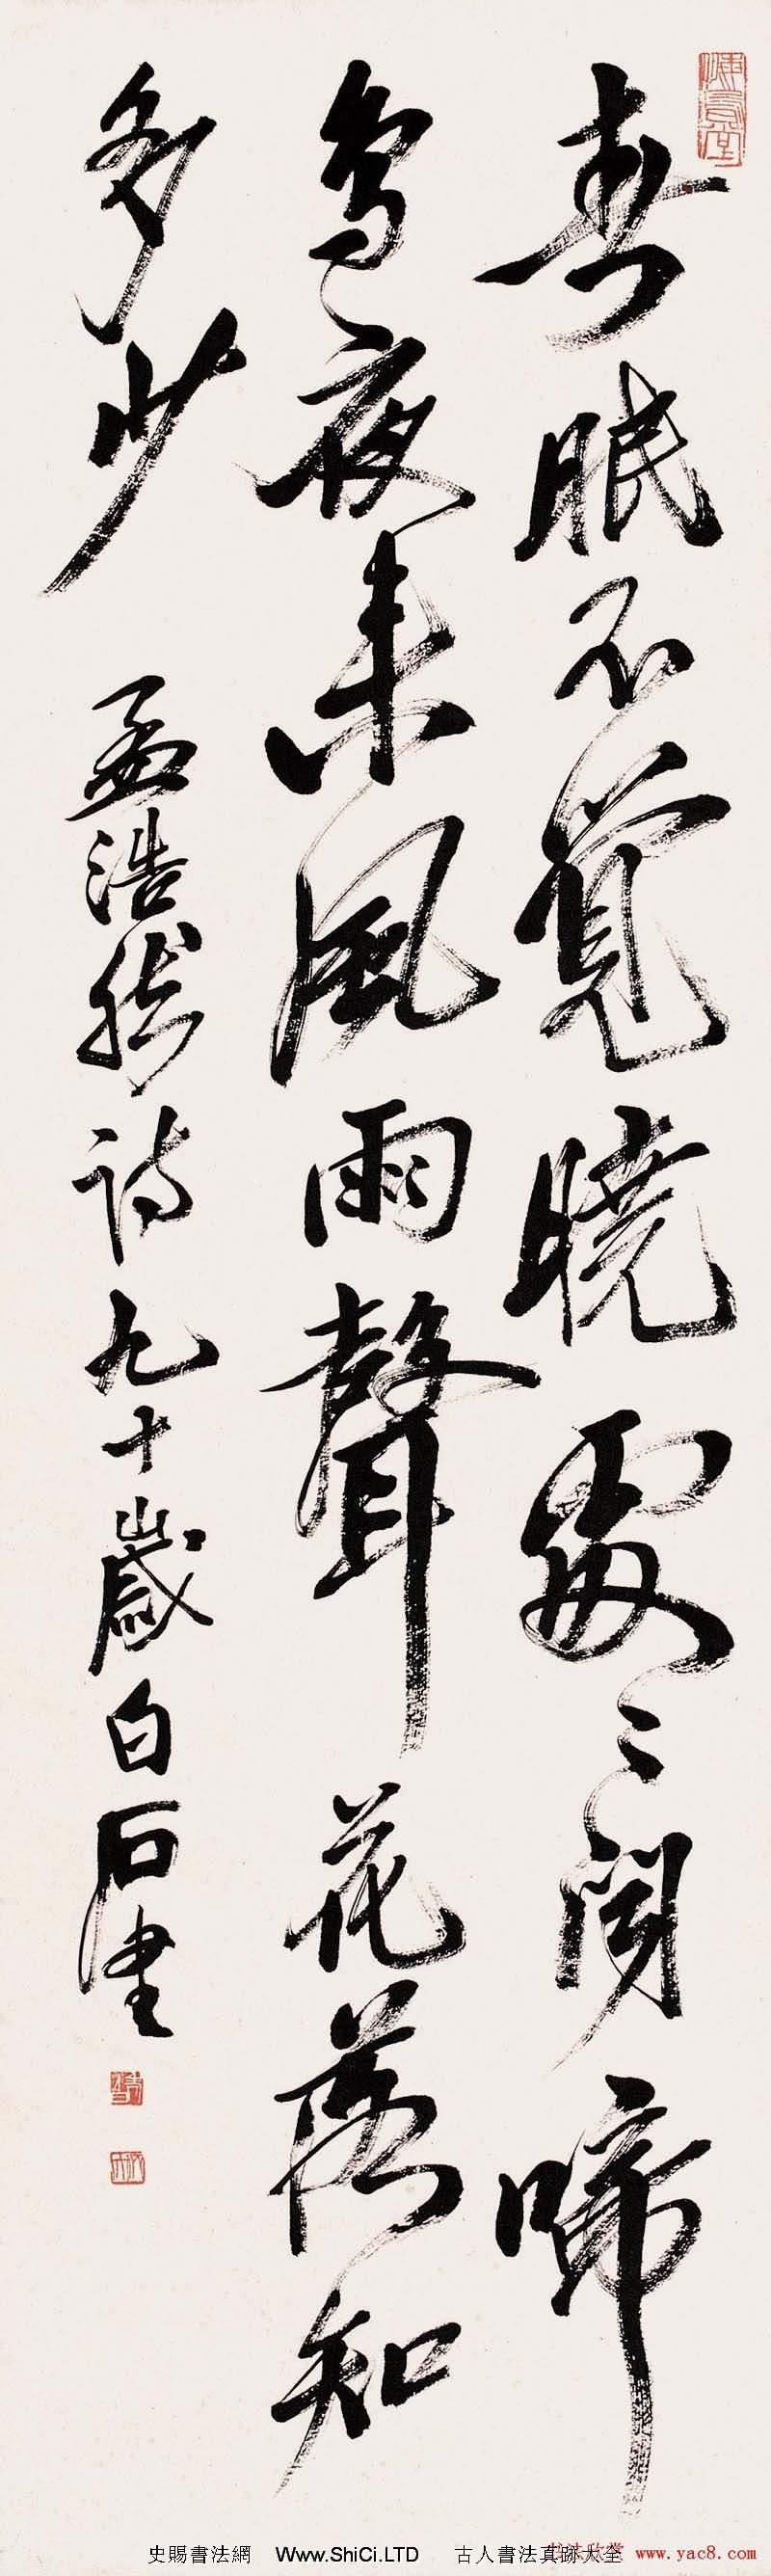 齊白石書法作品網絡大展